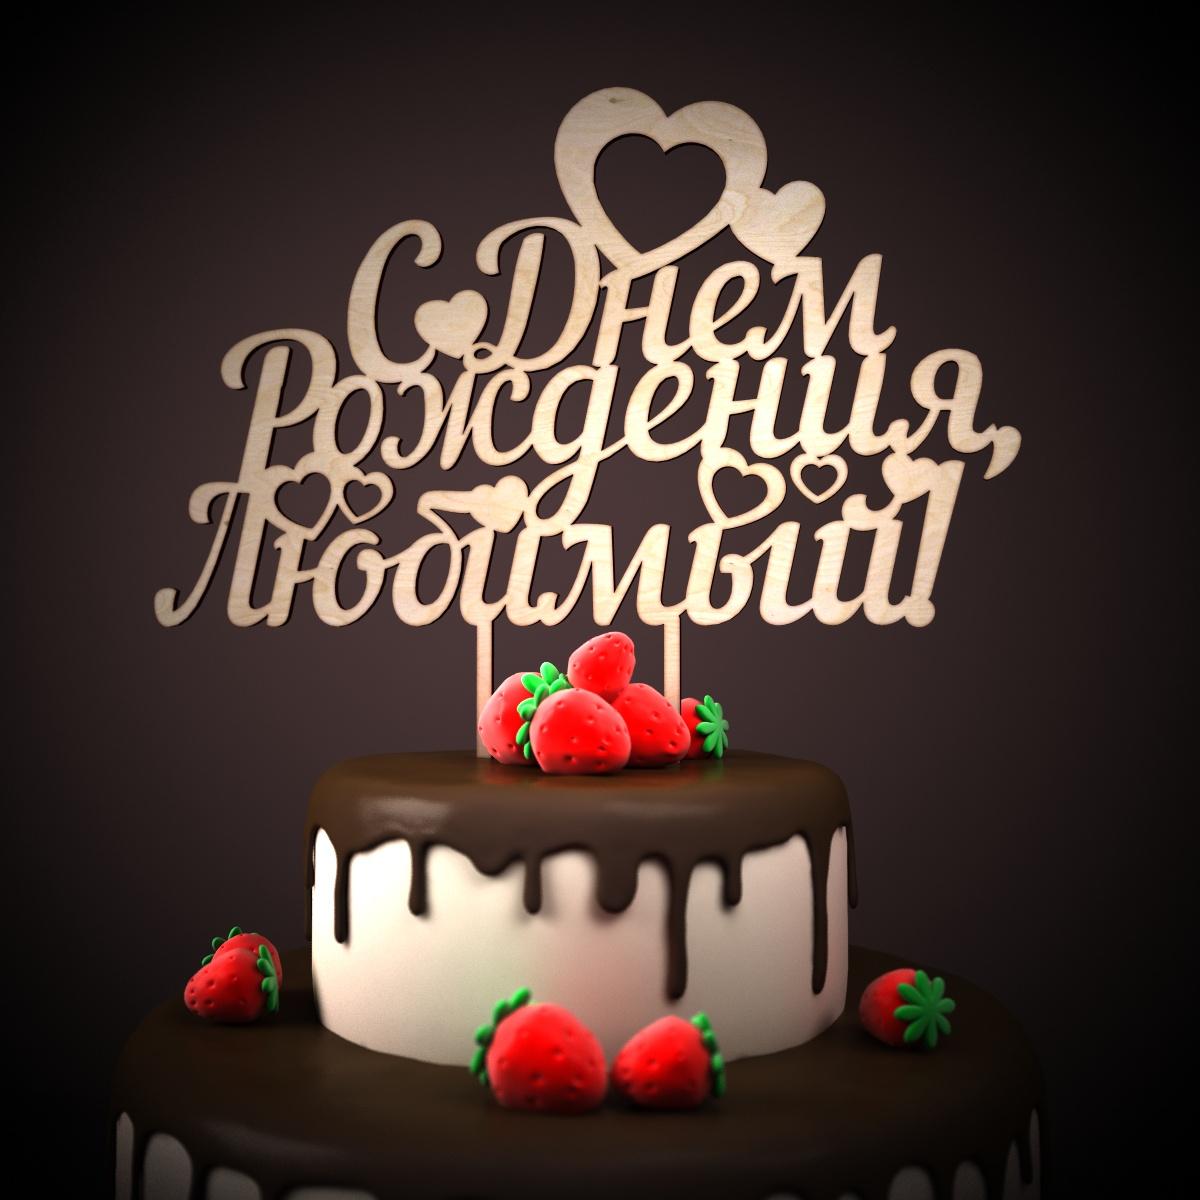 Изображение - Открытка поздравление любимой с днем рождения Kartinki-s-dnem-rozhdeniya-lyubimyj-9